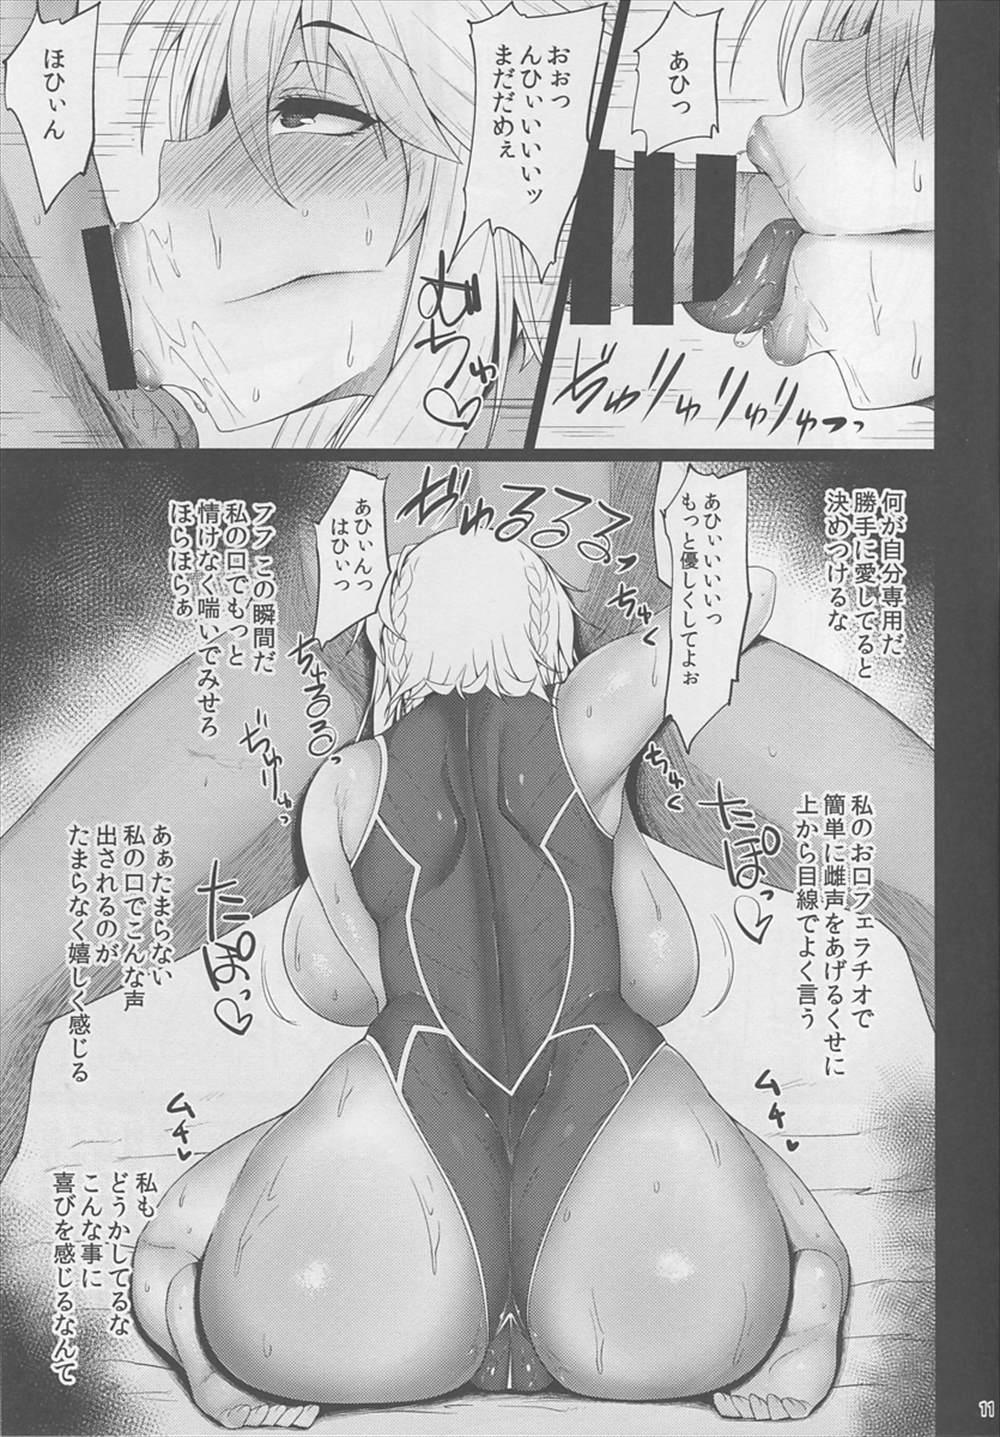 【エロ同人誌】(C94)槍トリアさんのバキュームフェラ…ザーメンじゅぷじゅぷしながら啜る姿www【乳上のお口の中があまりにも気持ち良くて射精が止まらない】